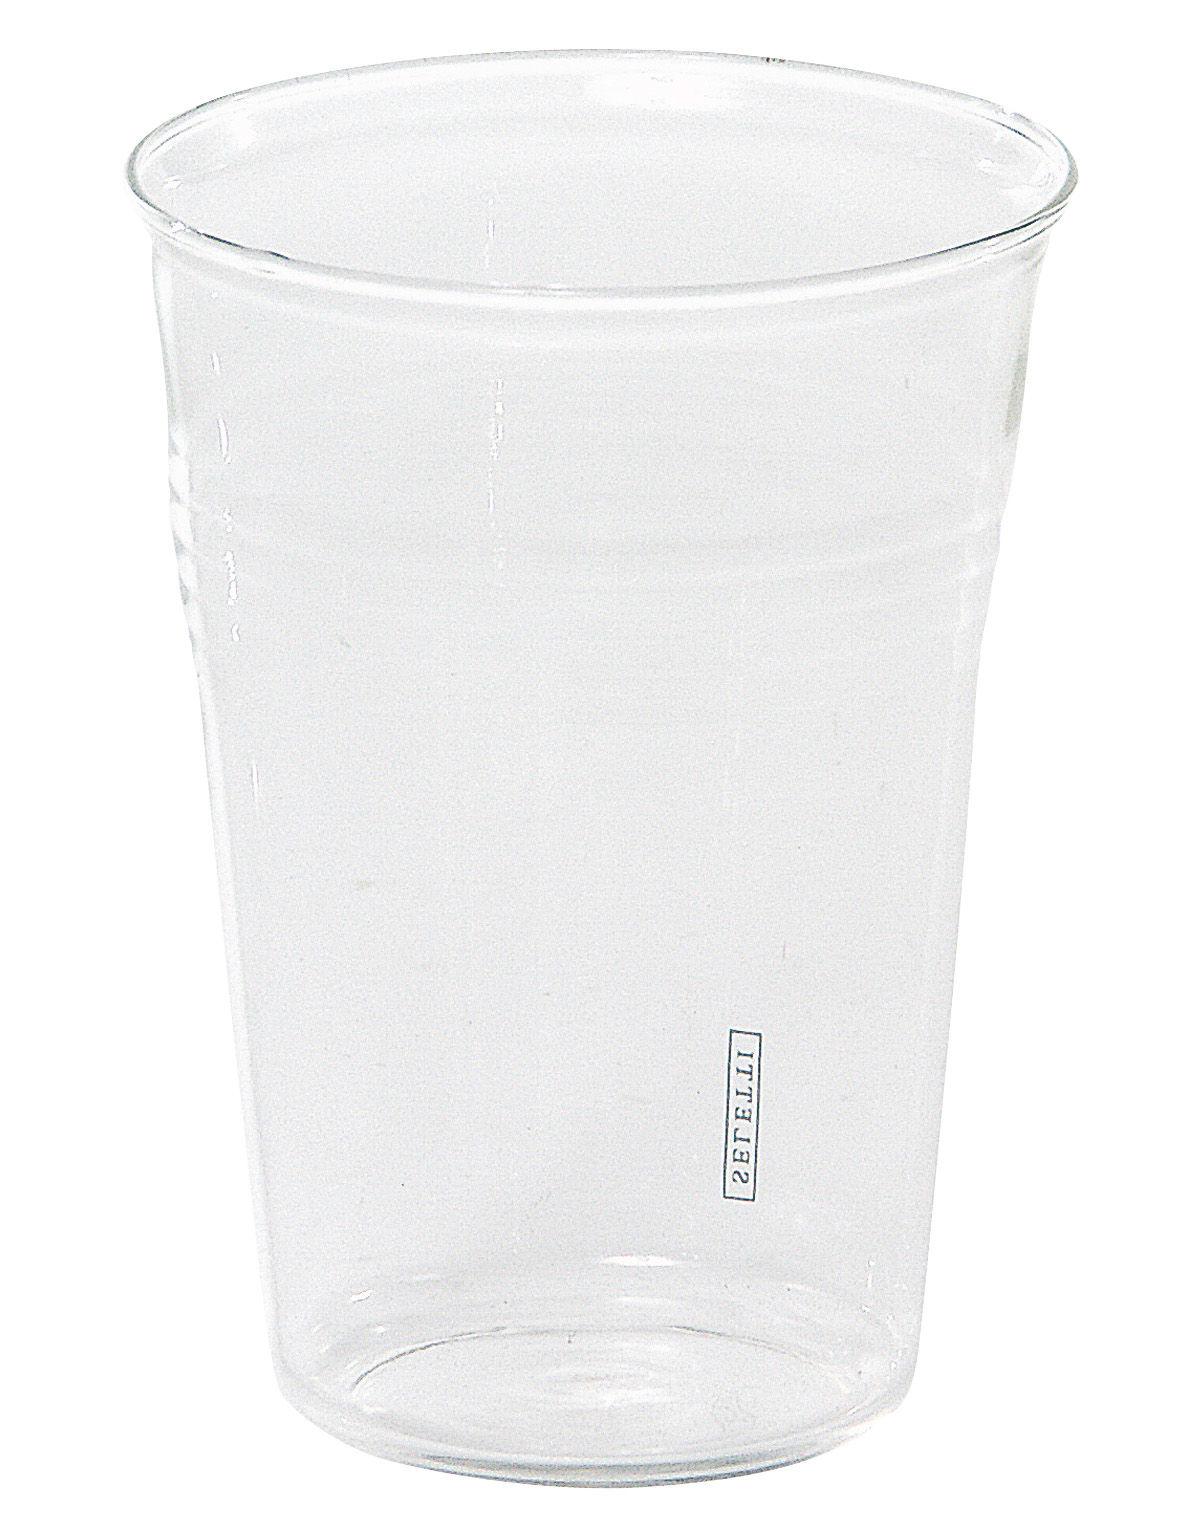 Tableware - Wine Glasses & Glassware - Estetico quotidiano Water glass - The glass by Seletti - Transparent - Glass